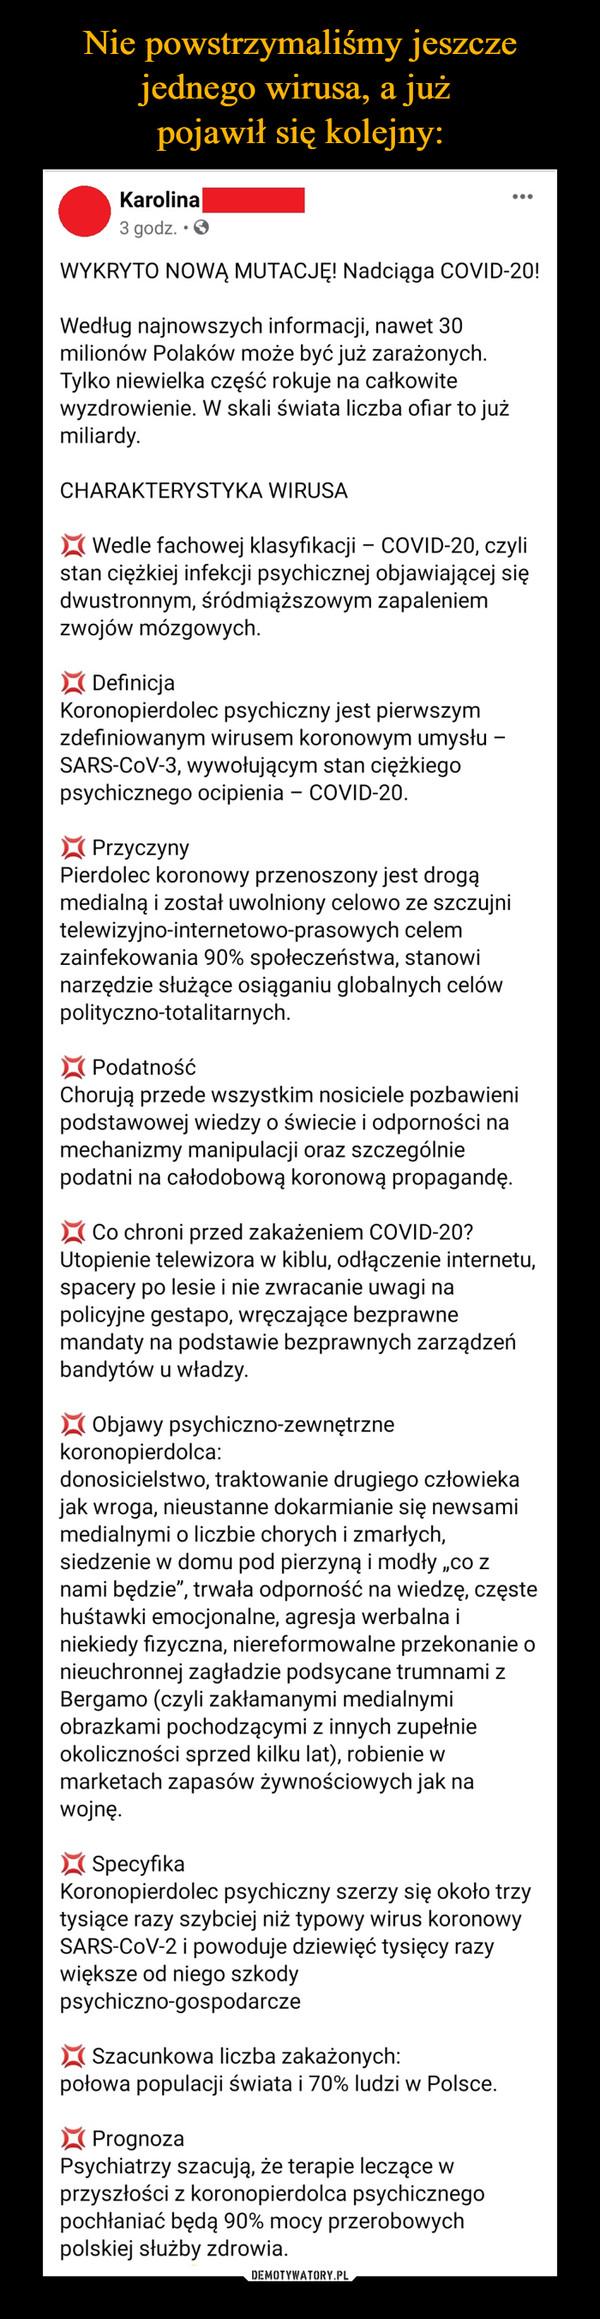 –  WYKRYTO NOWĄ MUTACJĘ! Nadciąga COVID-20!Według najnowszych informacji, nawet 30 milionów Polaków może być już zarażonych. Tylko niewielka część rokuje na całkowite wyzdrowienie. W skali świata liczba ofiar to już miliardy.CHARAKTERYSTYKA WIRUSA